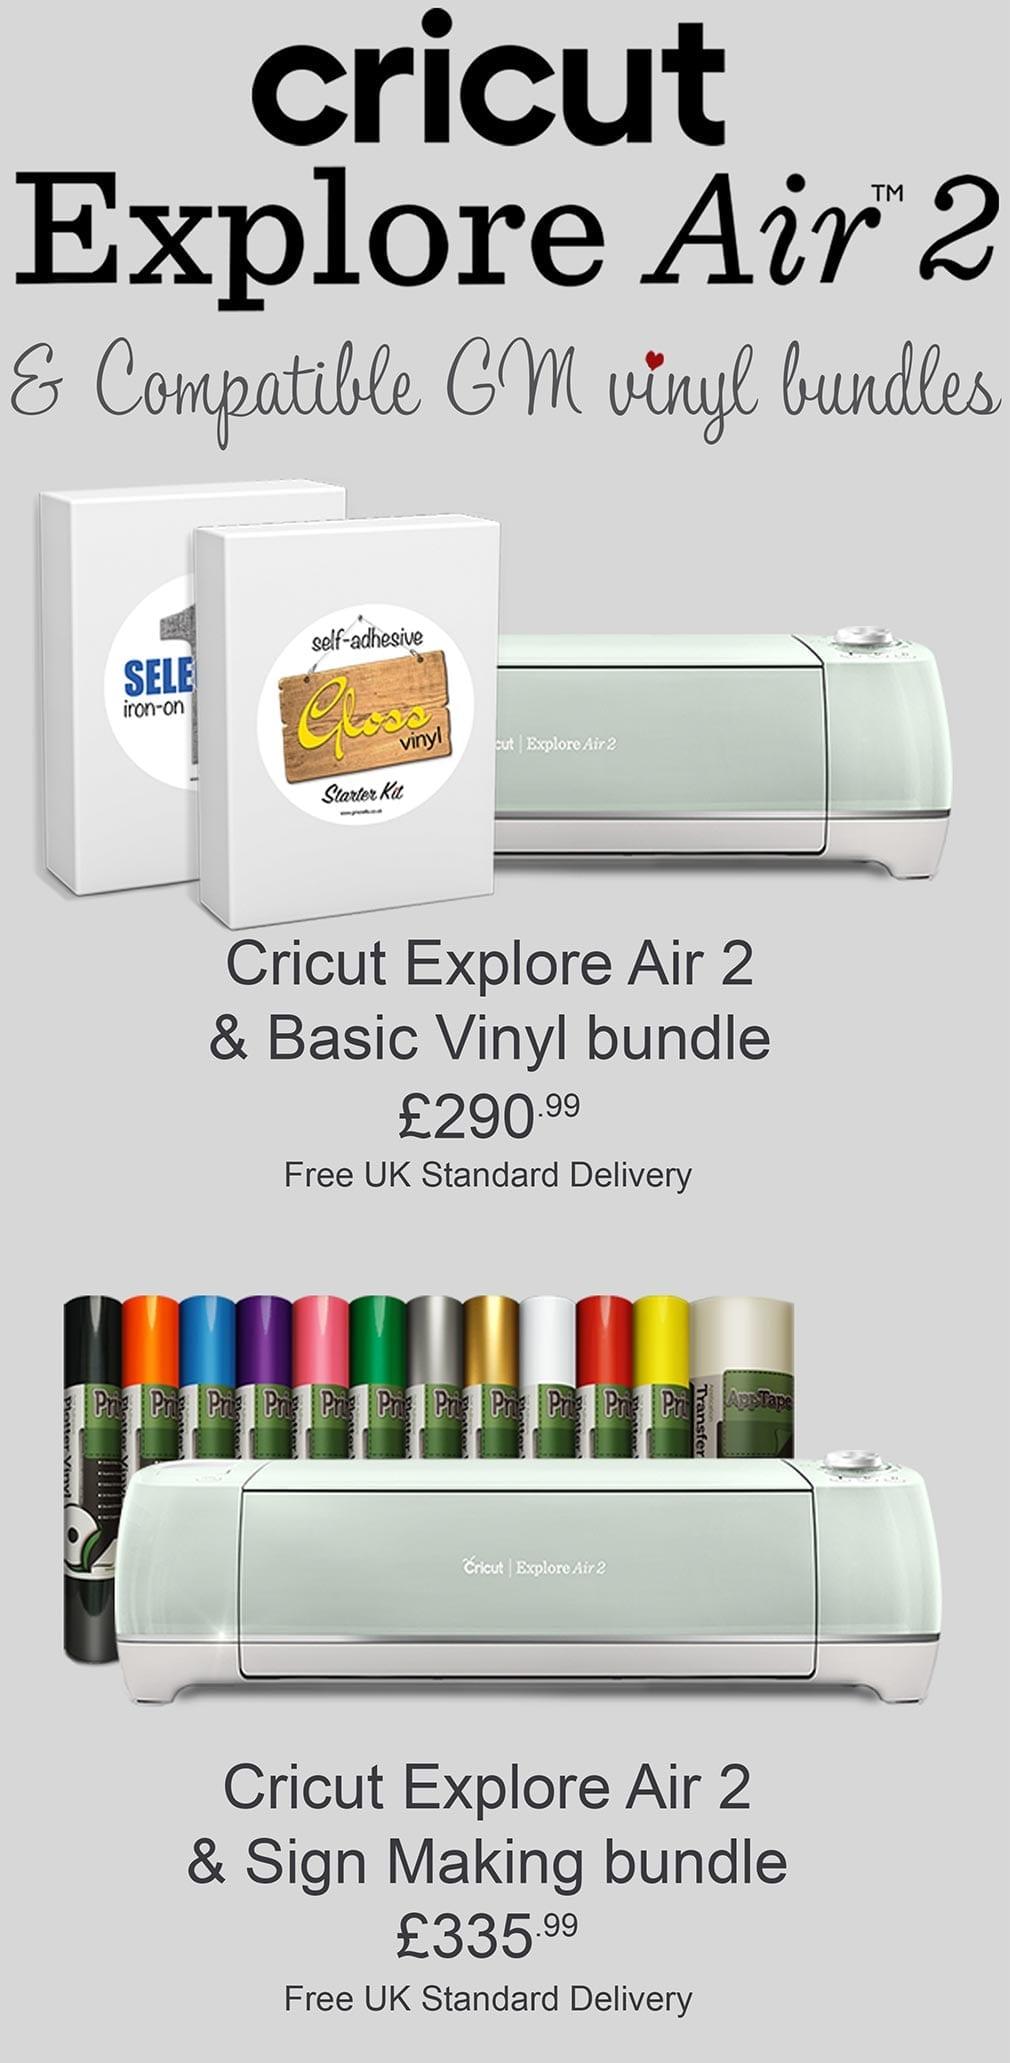 Mobile-Cricut-Explore-Air-2-Vinyl-Bundles-From-GM-Crafts-1